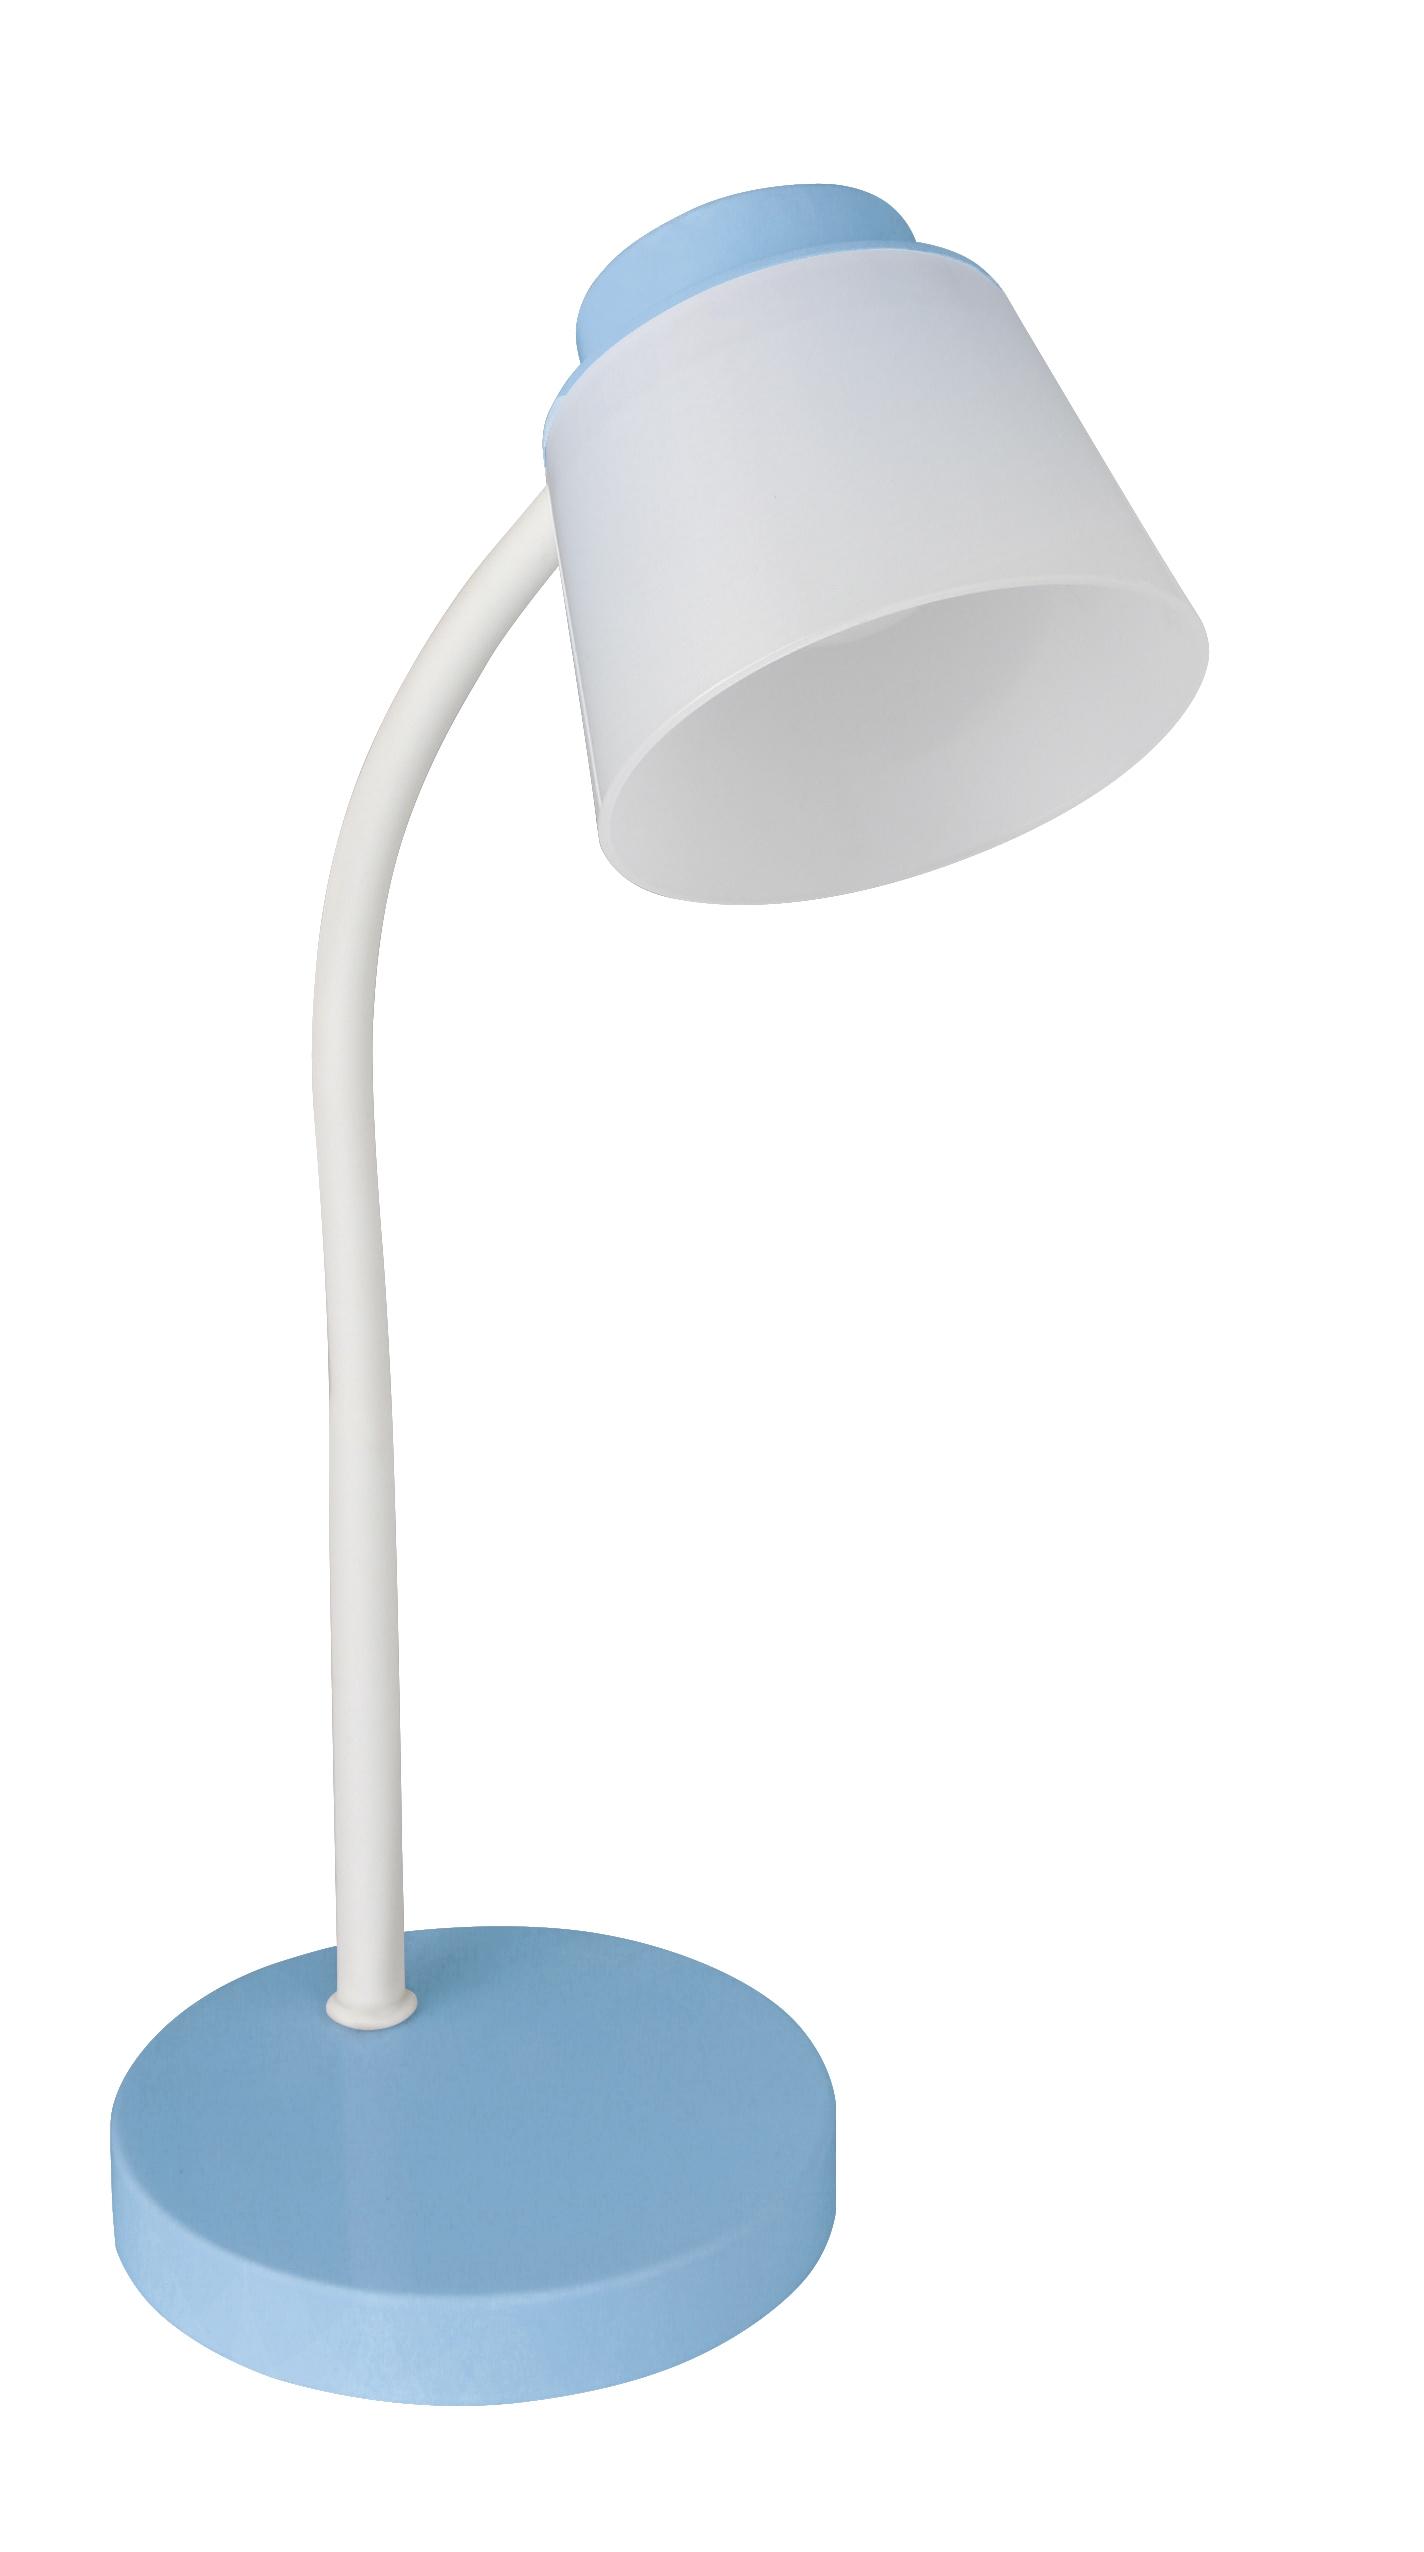 Лампа настольная Camelion Kd-791 c13 светильник настольный camelion kd 786 c13 голубой led 5 вт 4000к